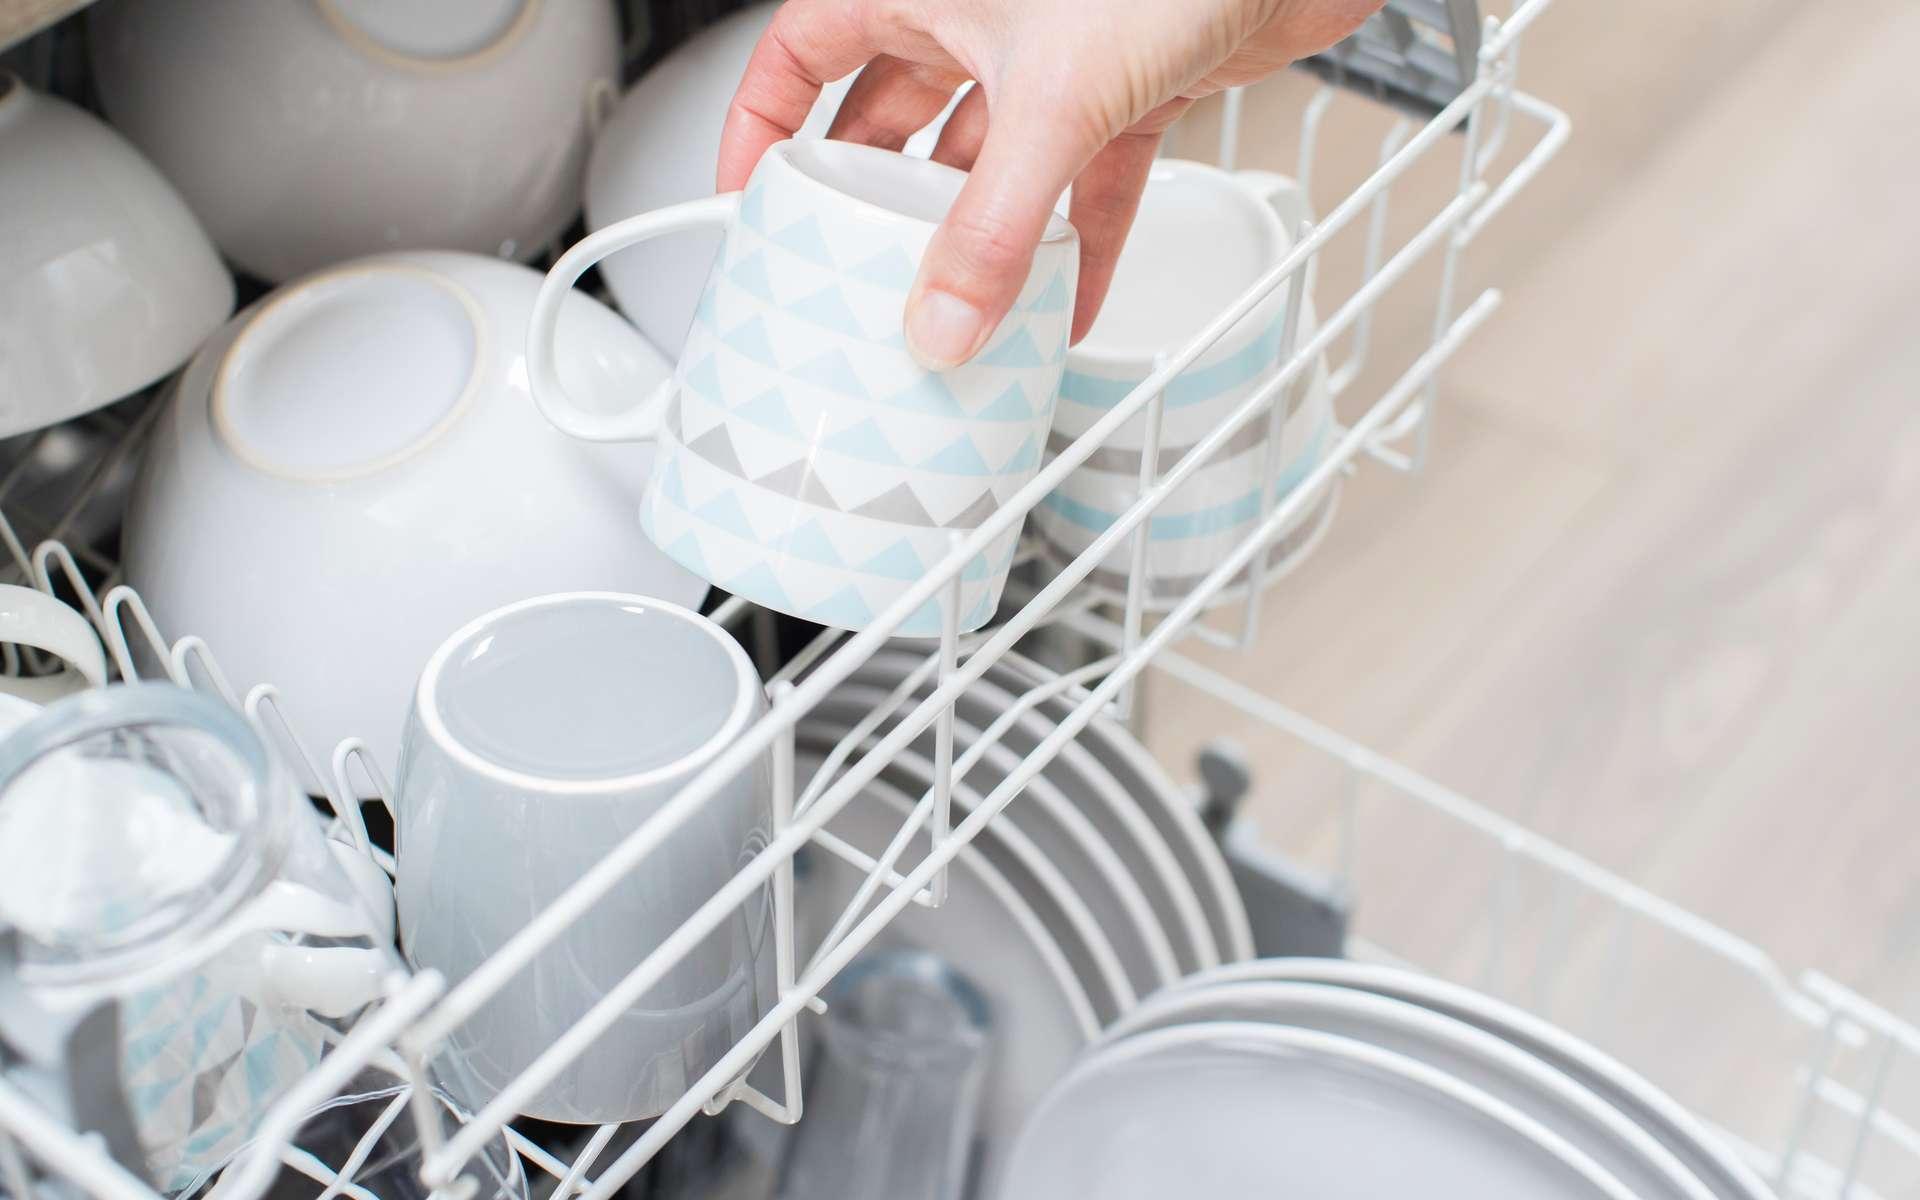 Avec ses nombreuses fonctionnalités, le lave-vaisselle encastrable est un appareil indispensable à votre cuisine. © Daisy Daisy, Adobe Stock